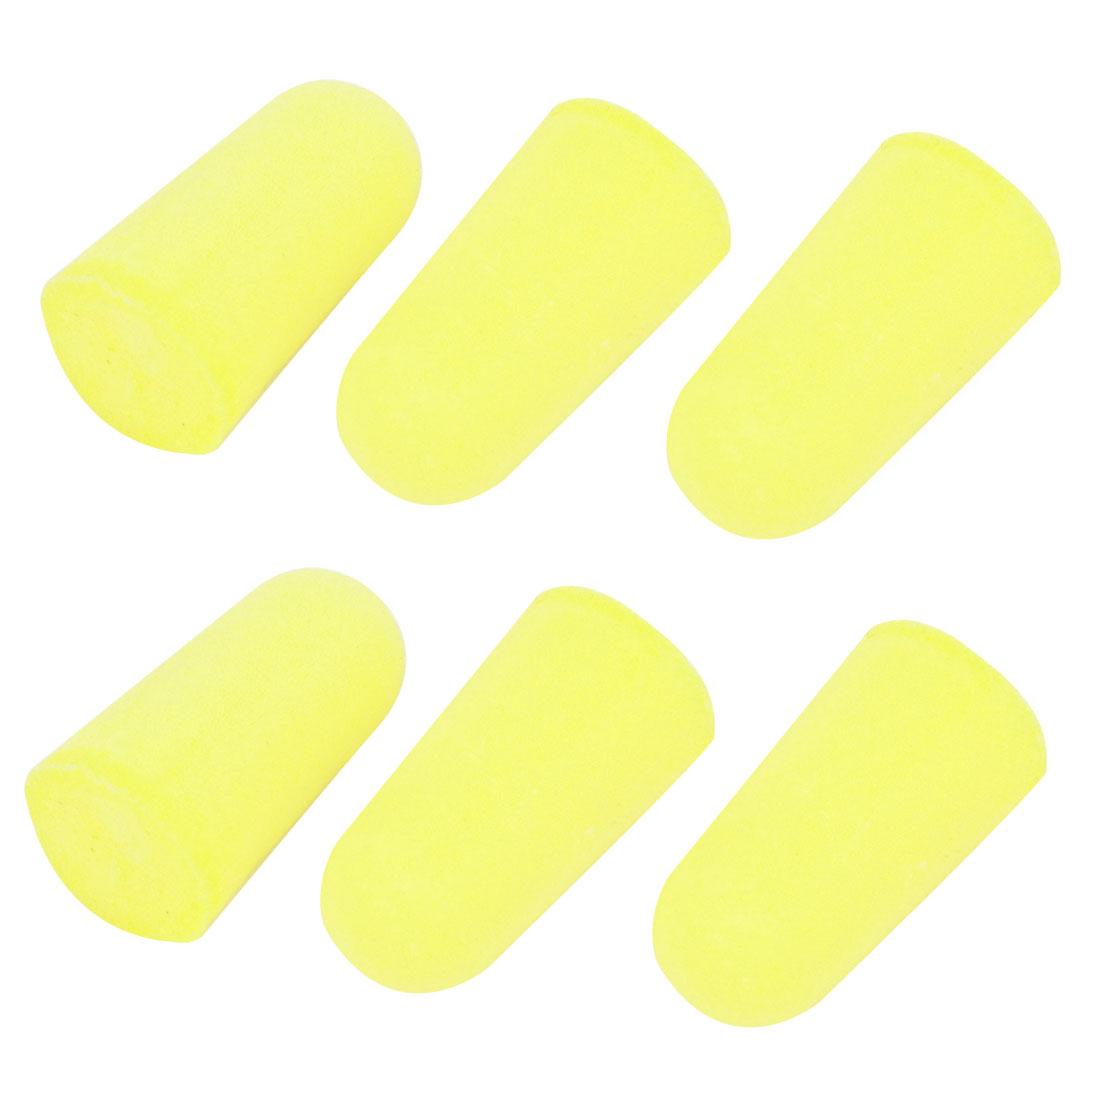 6 Pcs Foam Rebound Type Travel Earplugs Ear Protector Yellow